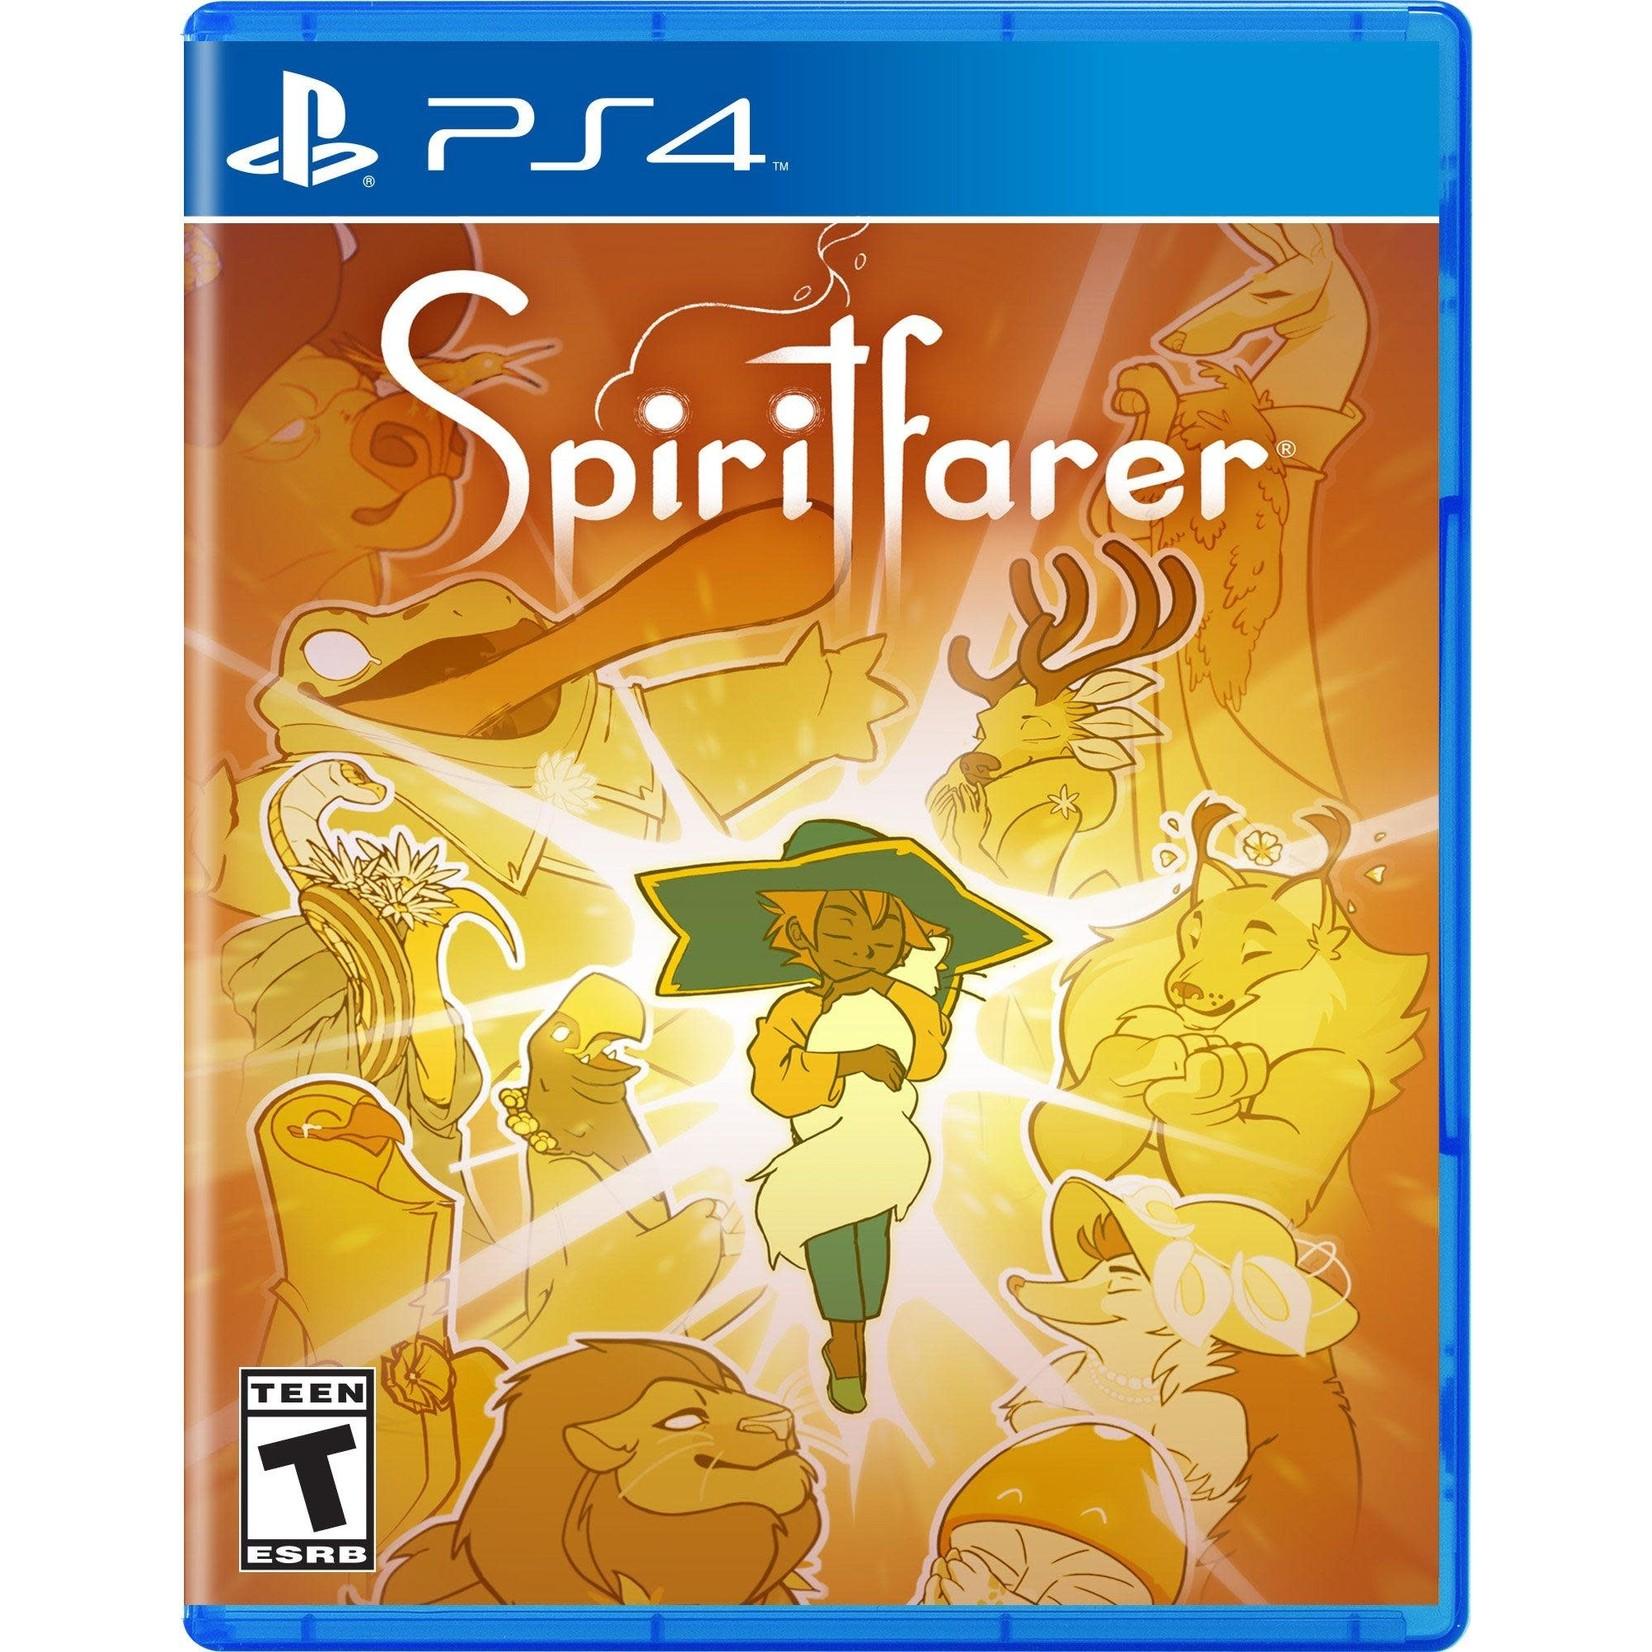 PS4-Spirit Farer